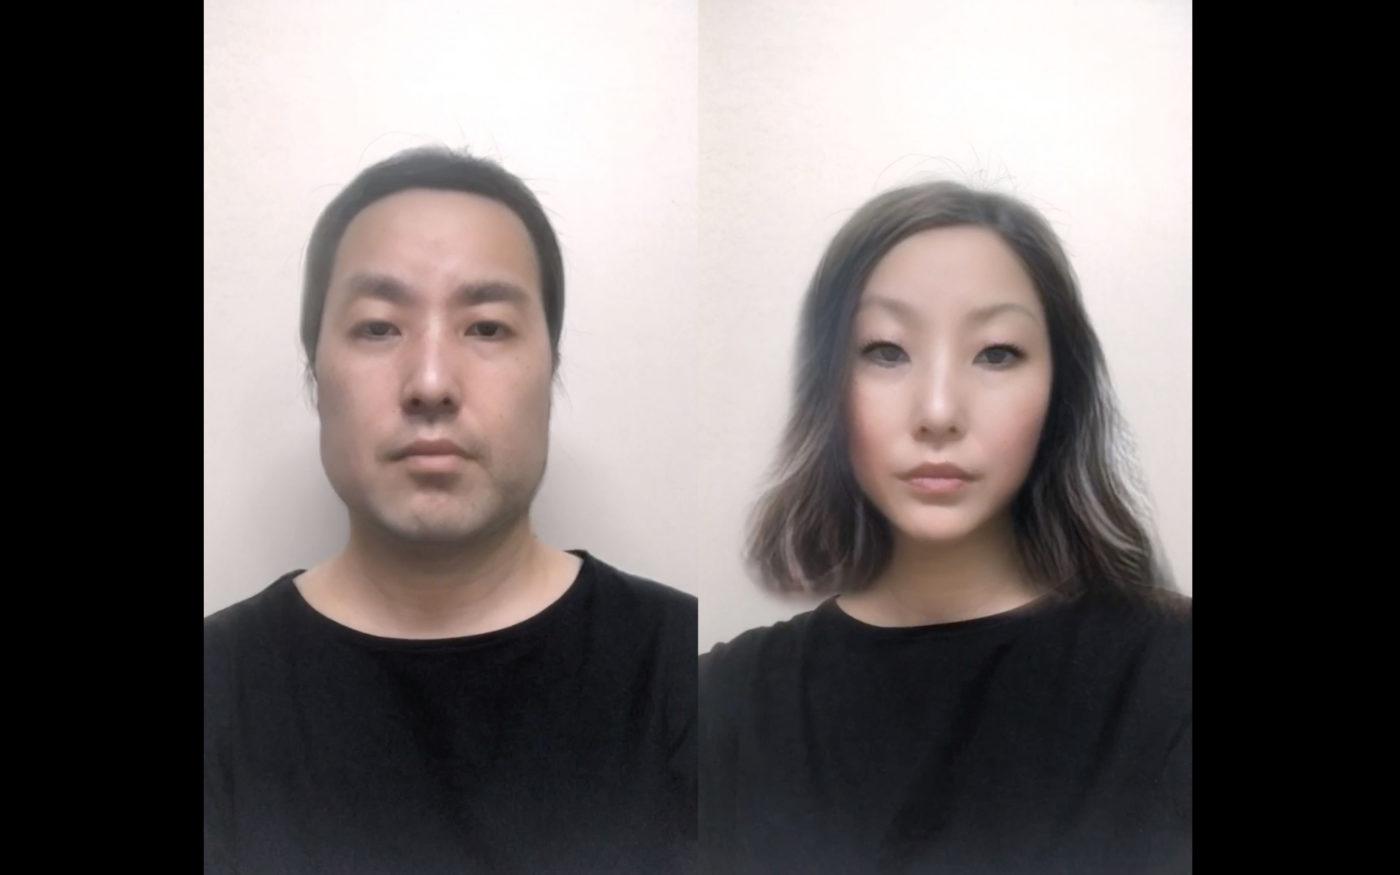 コロナ禍で制作されたパフォーマンス的要素の高い映像作品を展示。稲垣智子 個展「Diary 2020」、The Third Gallery Ayaにて。